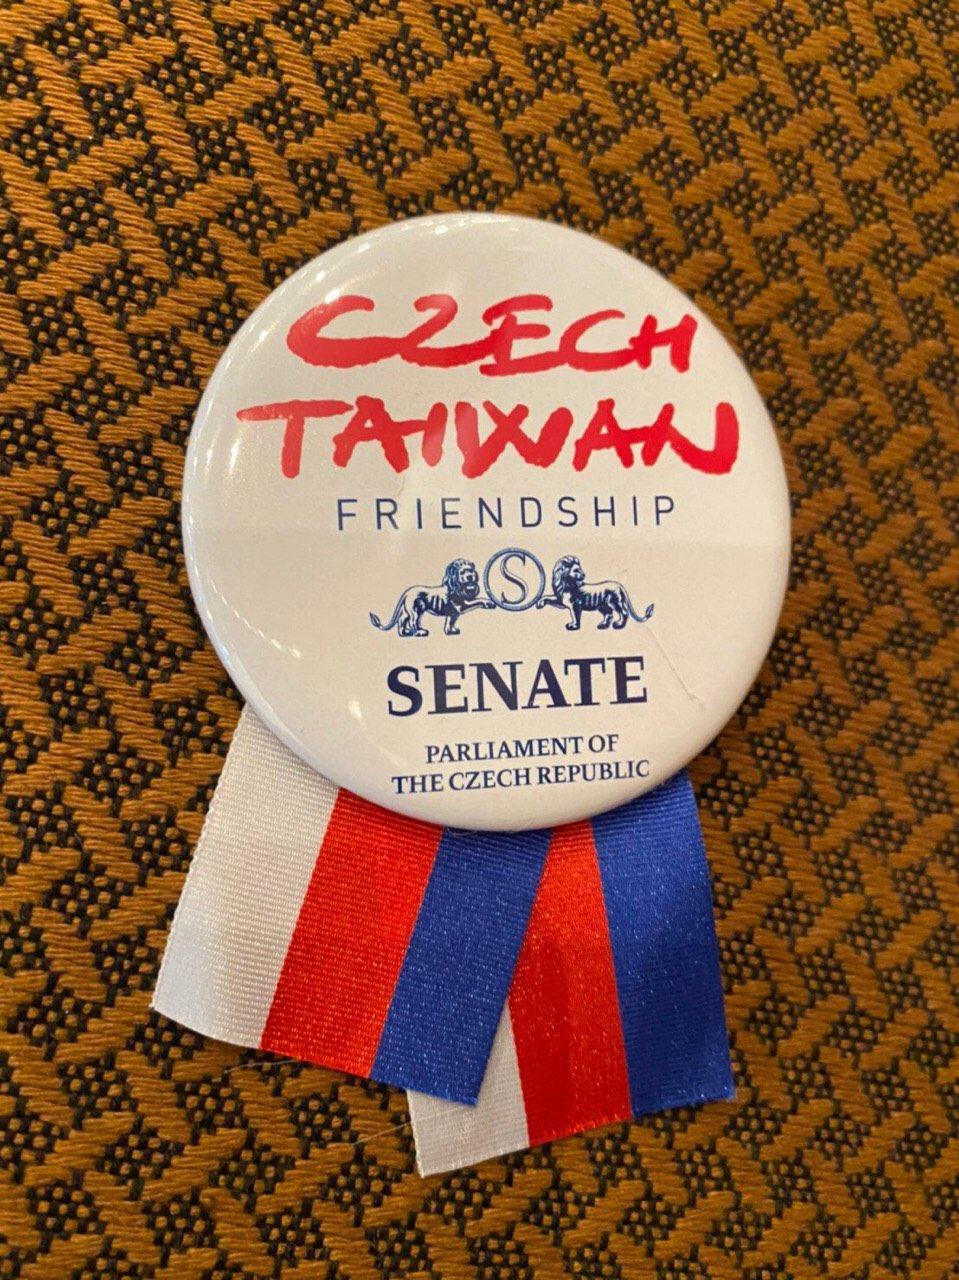 圖說1:捷克訪團特別設計本徽章,供訪團成員佩戴,以彰顯臺捷兩國友好情誼。